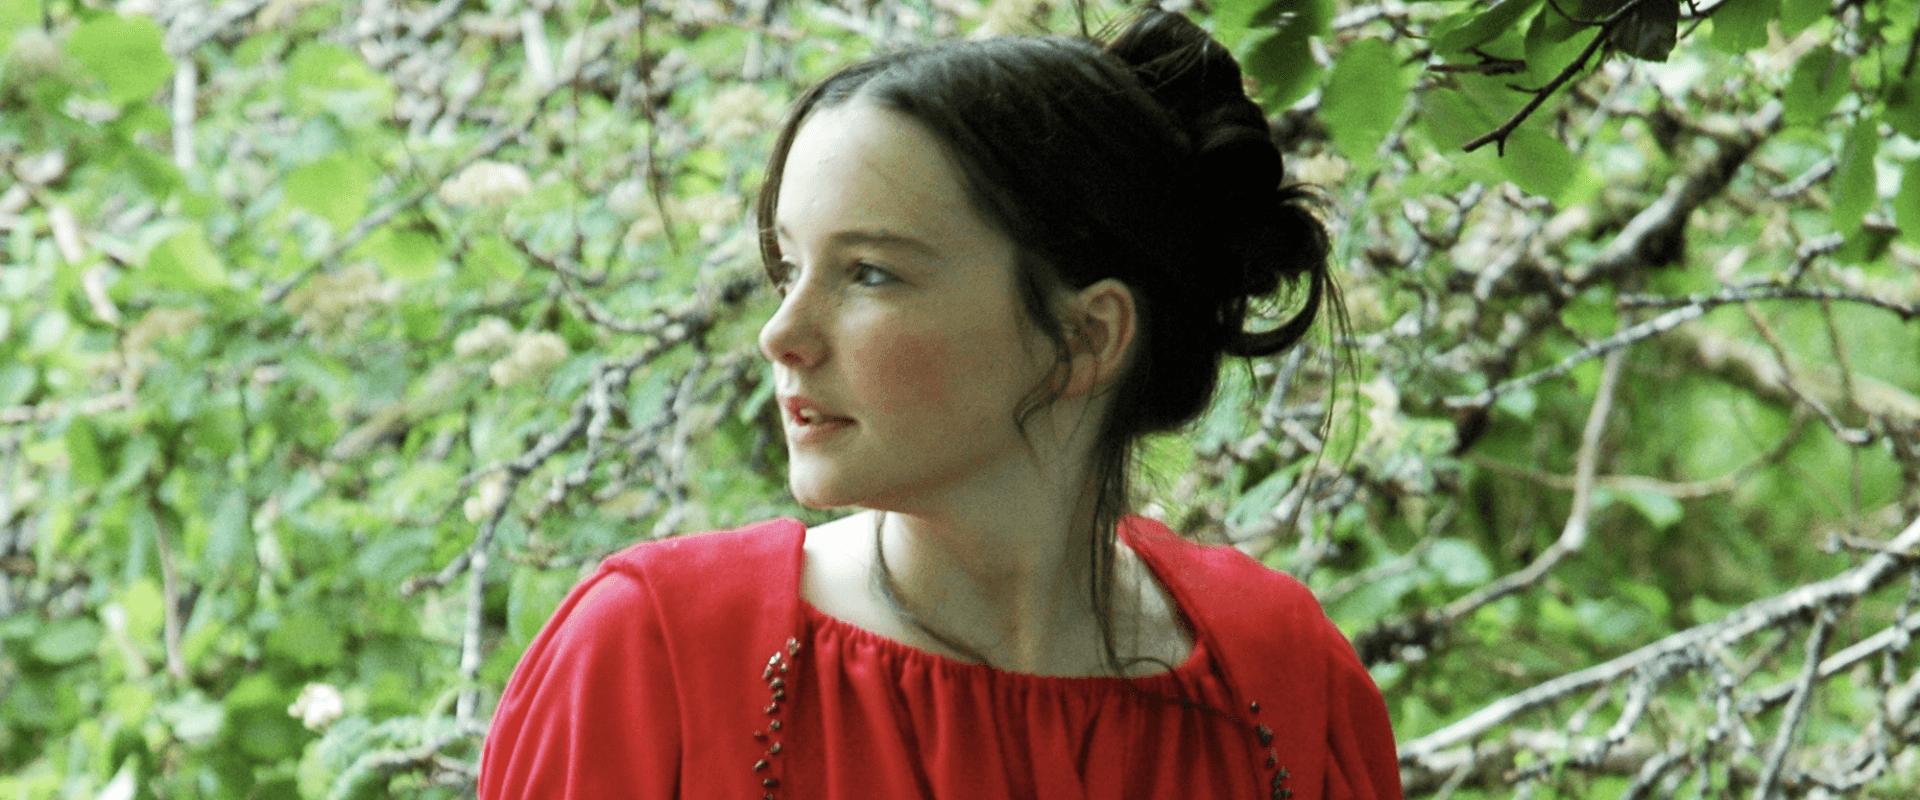 Annie NicLeòid - Akira Gunn